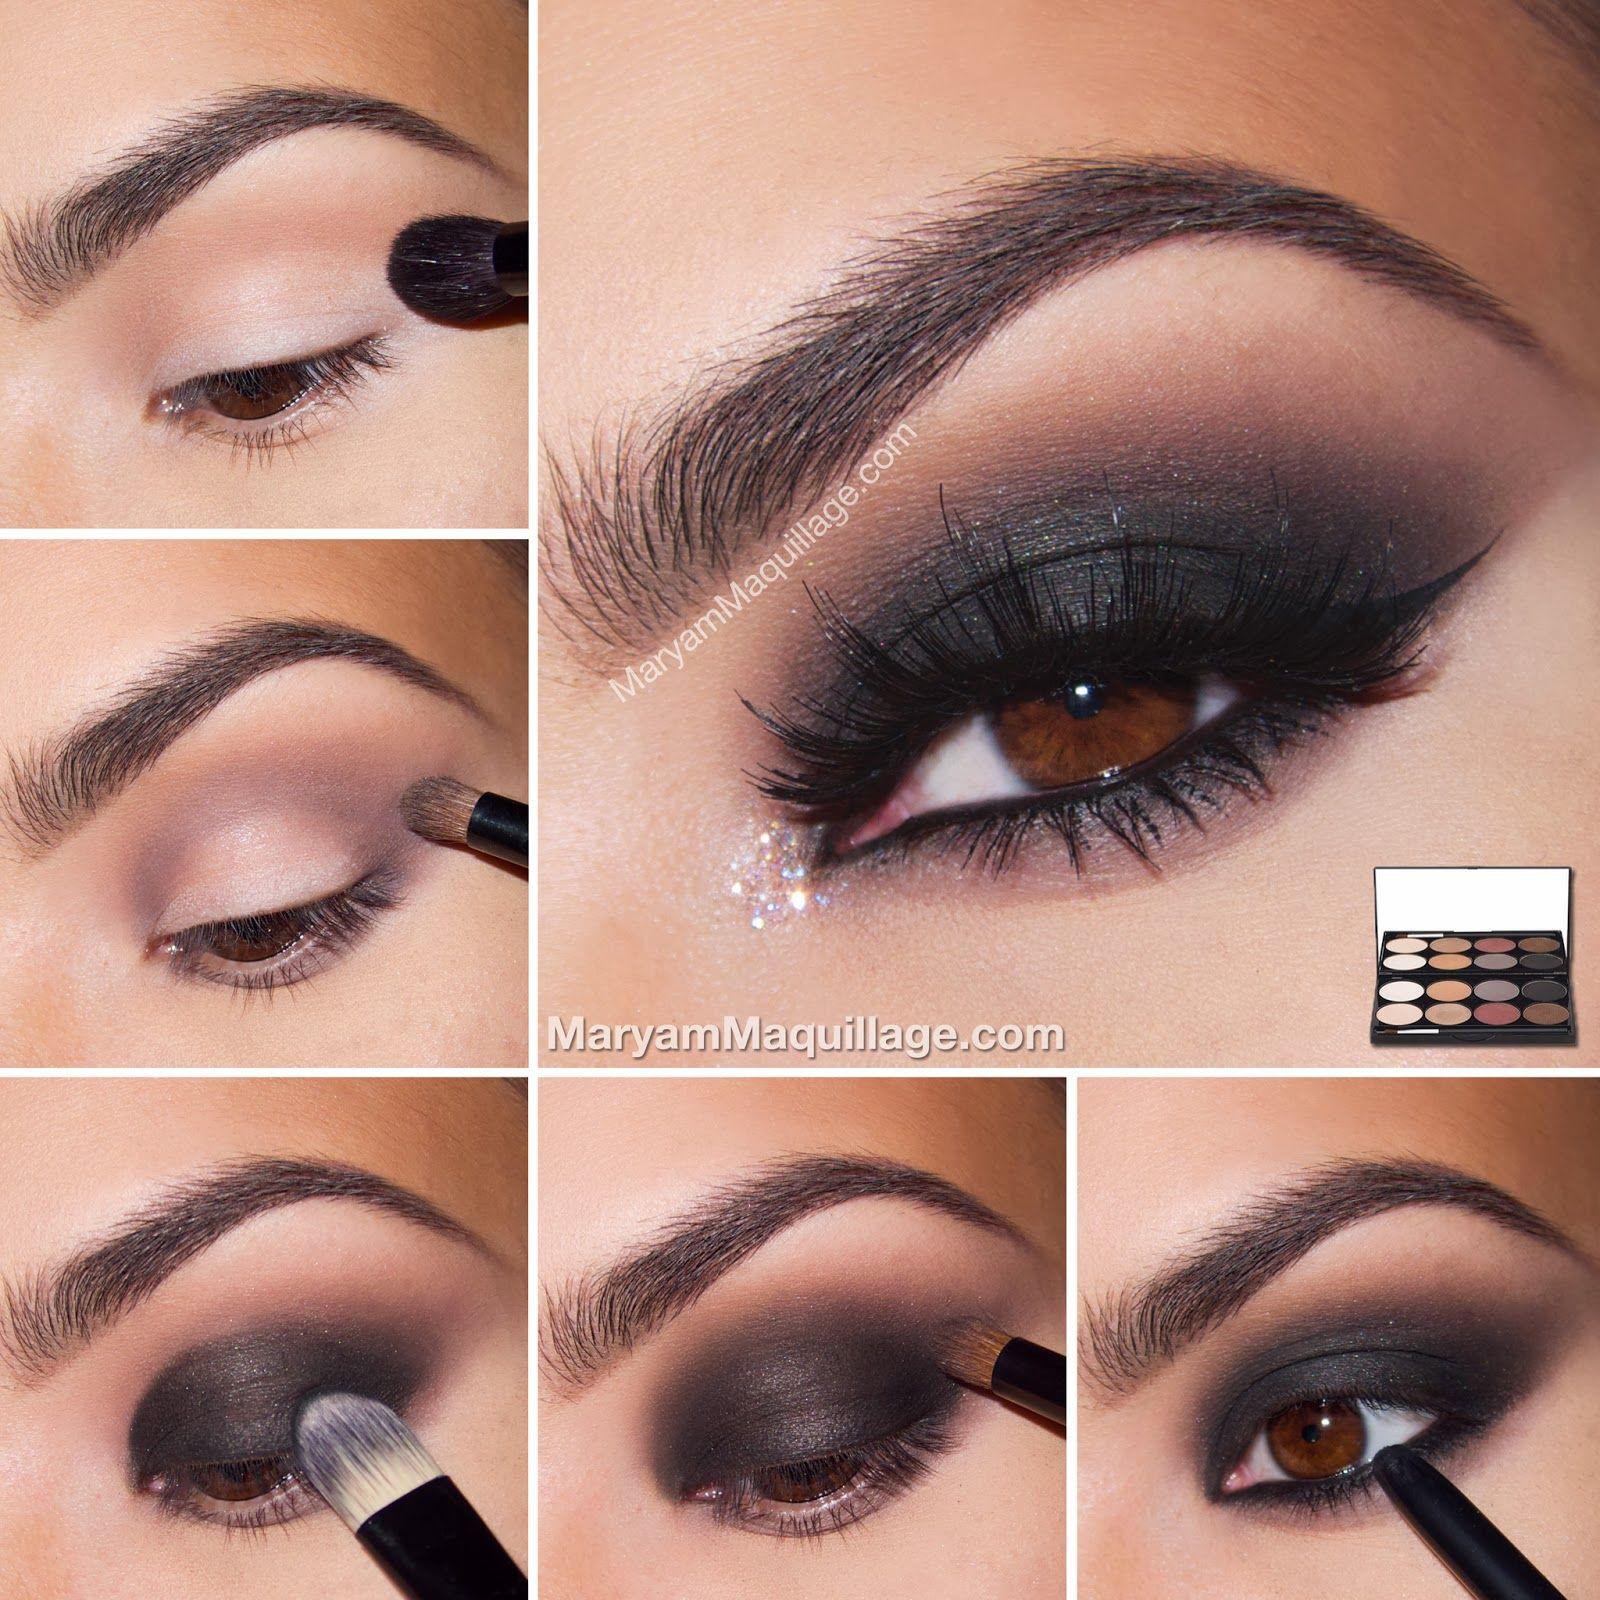 Как сделать дымчатый макияж глаз пошагово: фото-уроки 46